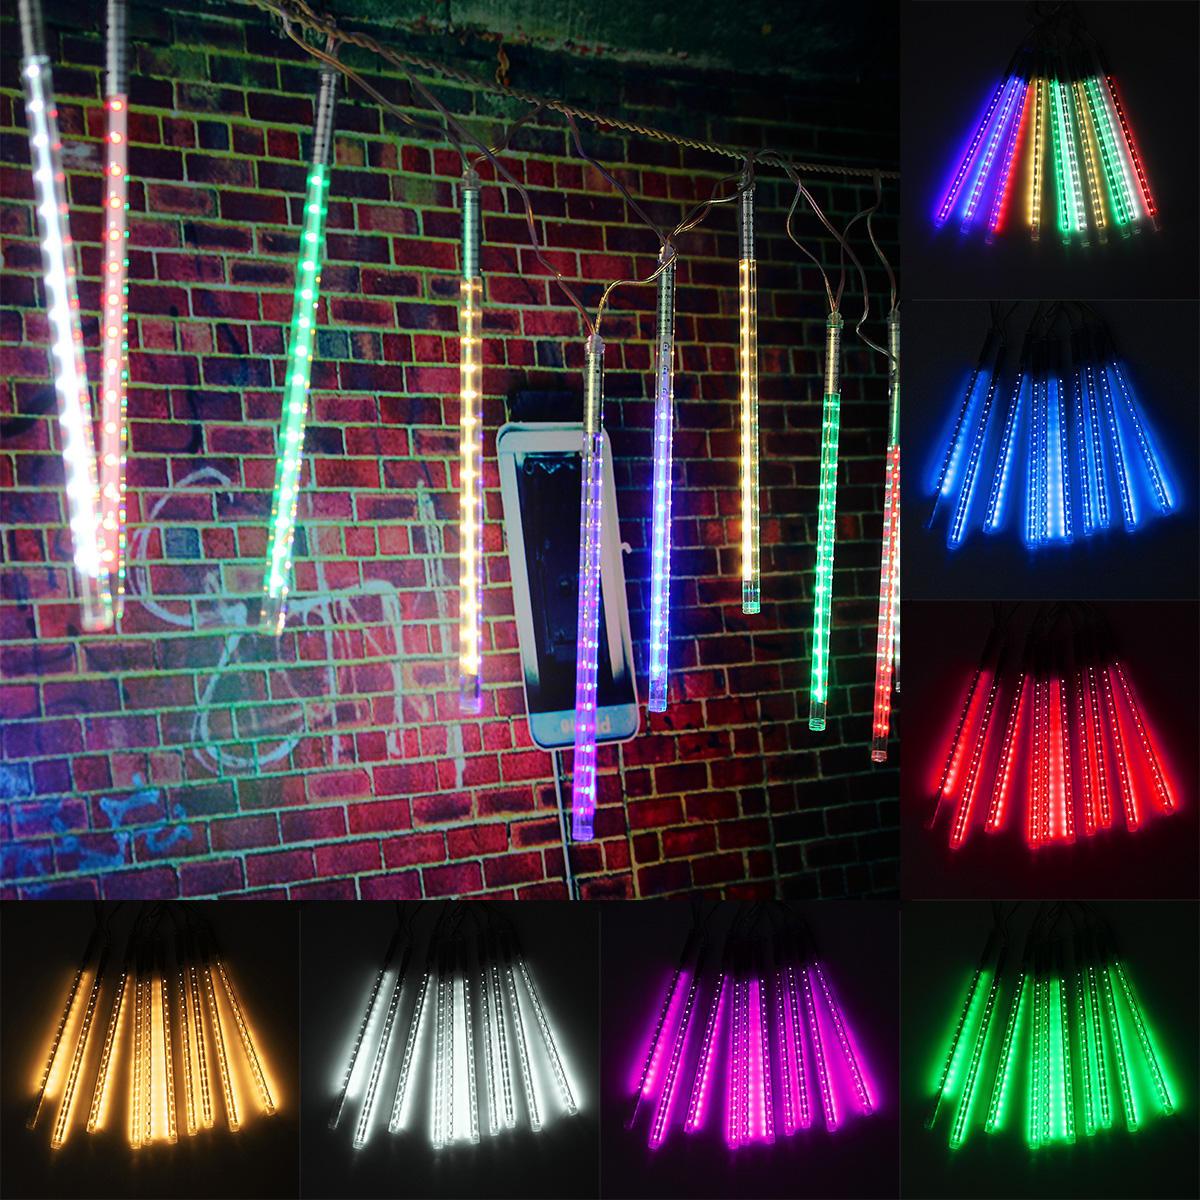 10 หลอด 30CM LED ฝนดาวตกฝนตกฤดูใบไม้ผลิคริสต์มาสคริสมาสต์ String Tree Light